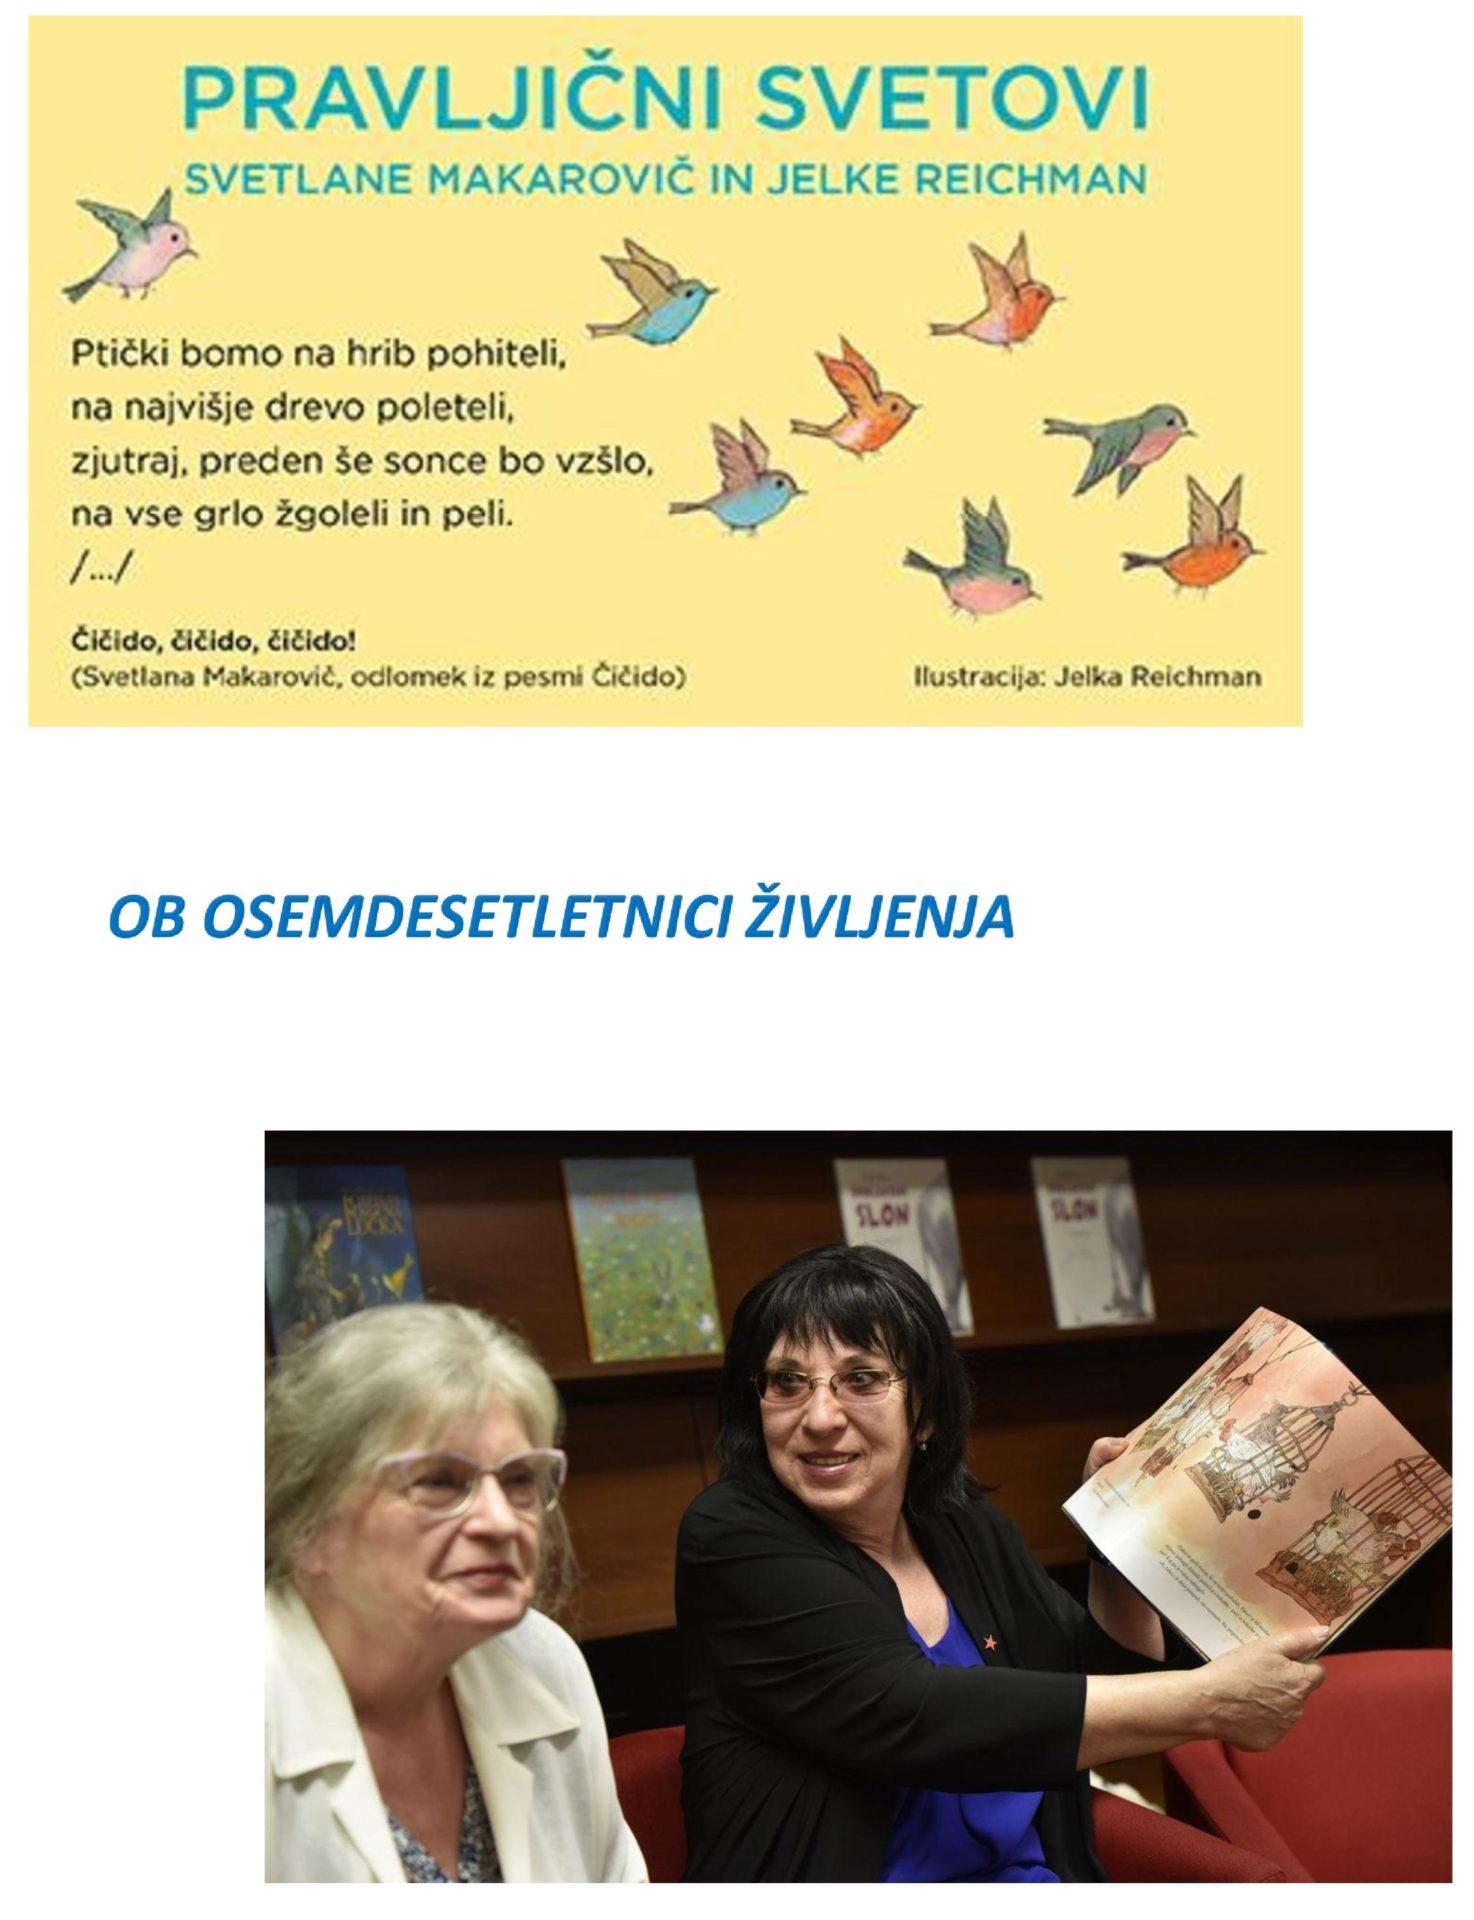 cover 3 - Pravljični svetovi: razstava ob 80. jubileju avtoric Svetlane Makarovič in Jelke Reichman